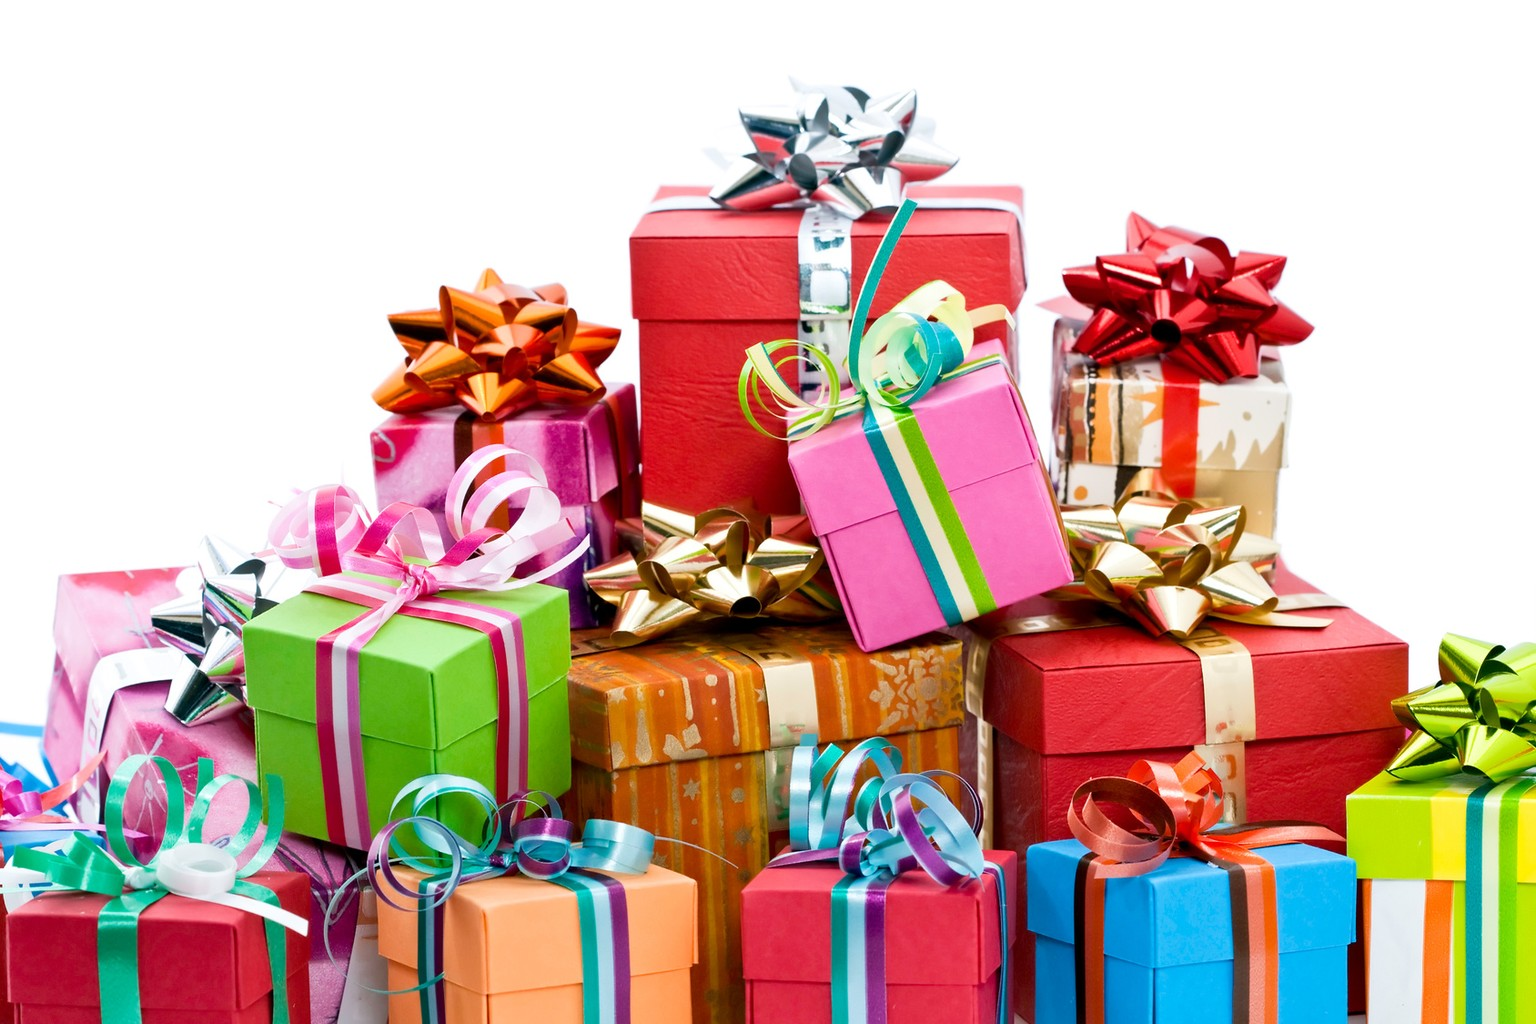 Фото с изображением подарков